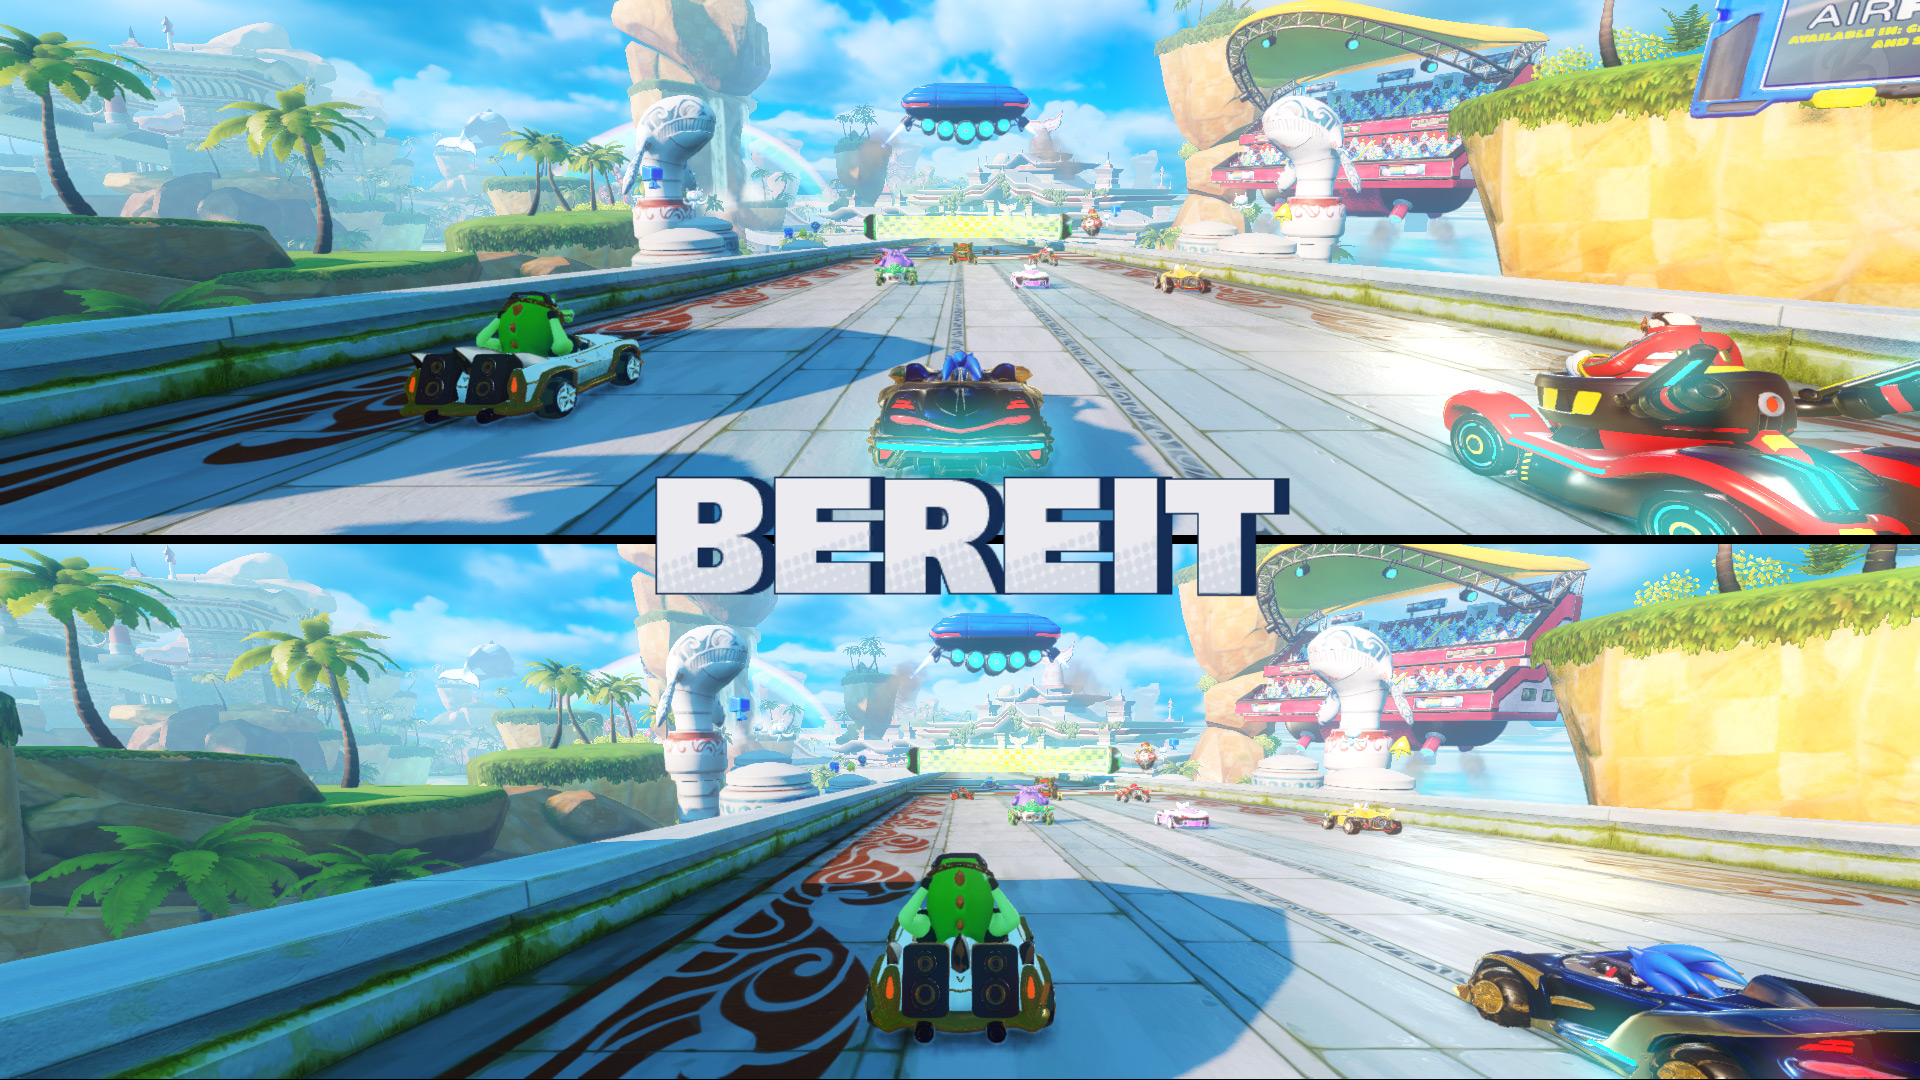 Perfektes Timing: Auch in Team Sonic Racing ist ein Schnellstart möglich - gleich geht es los!